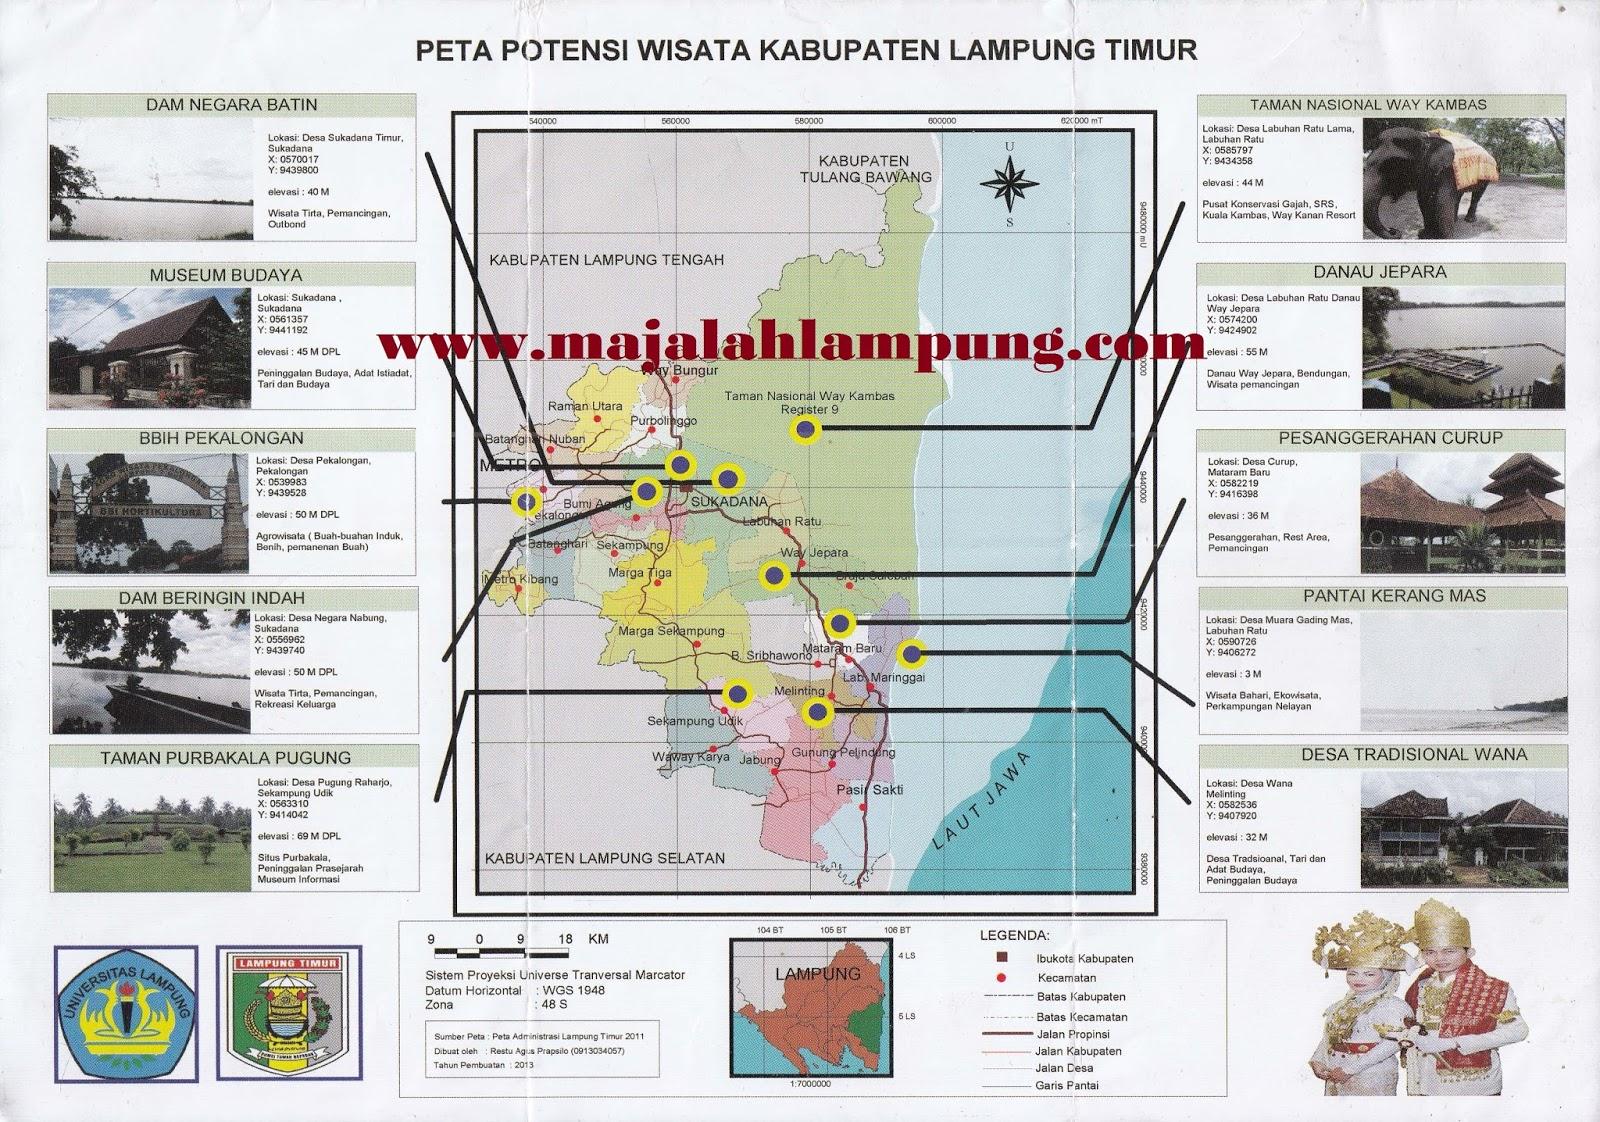 23 Tempat Wisata Di Lampung Timur Yang Wajib Dikunjungi ...